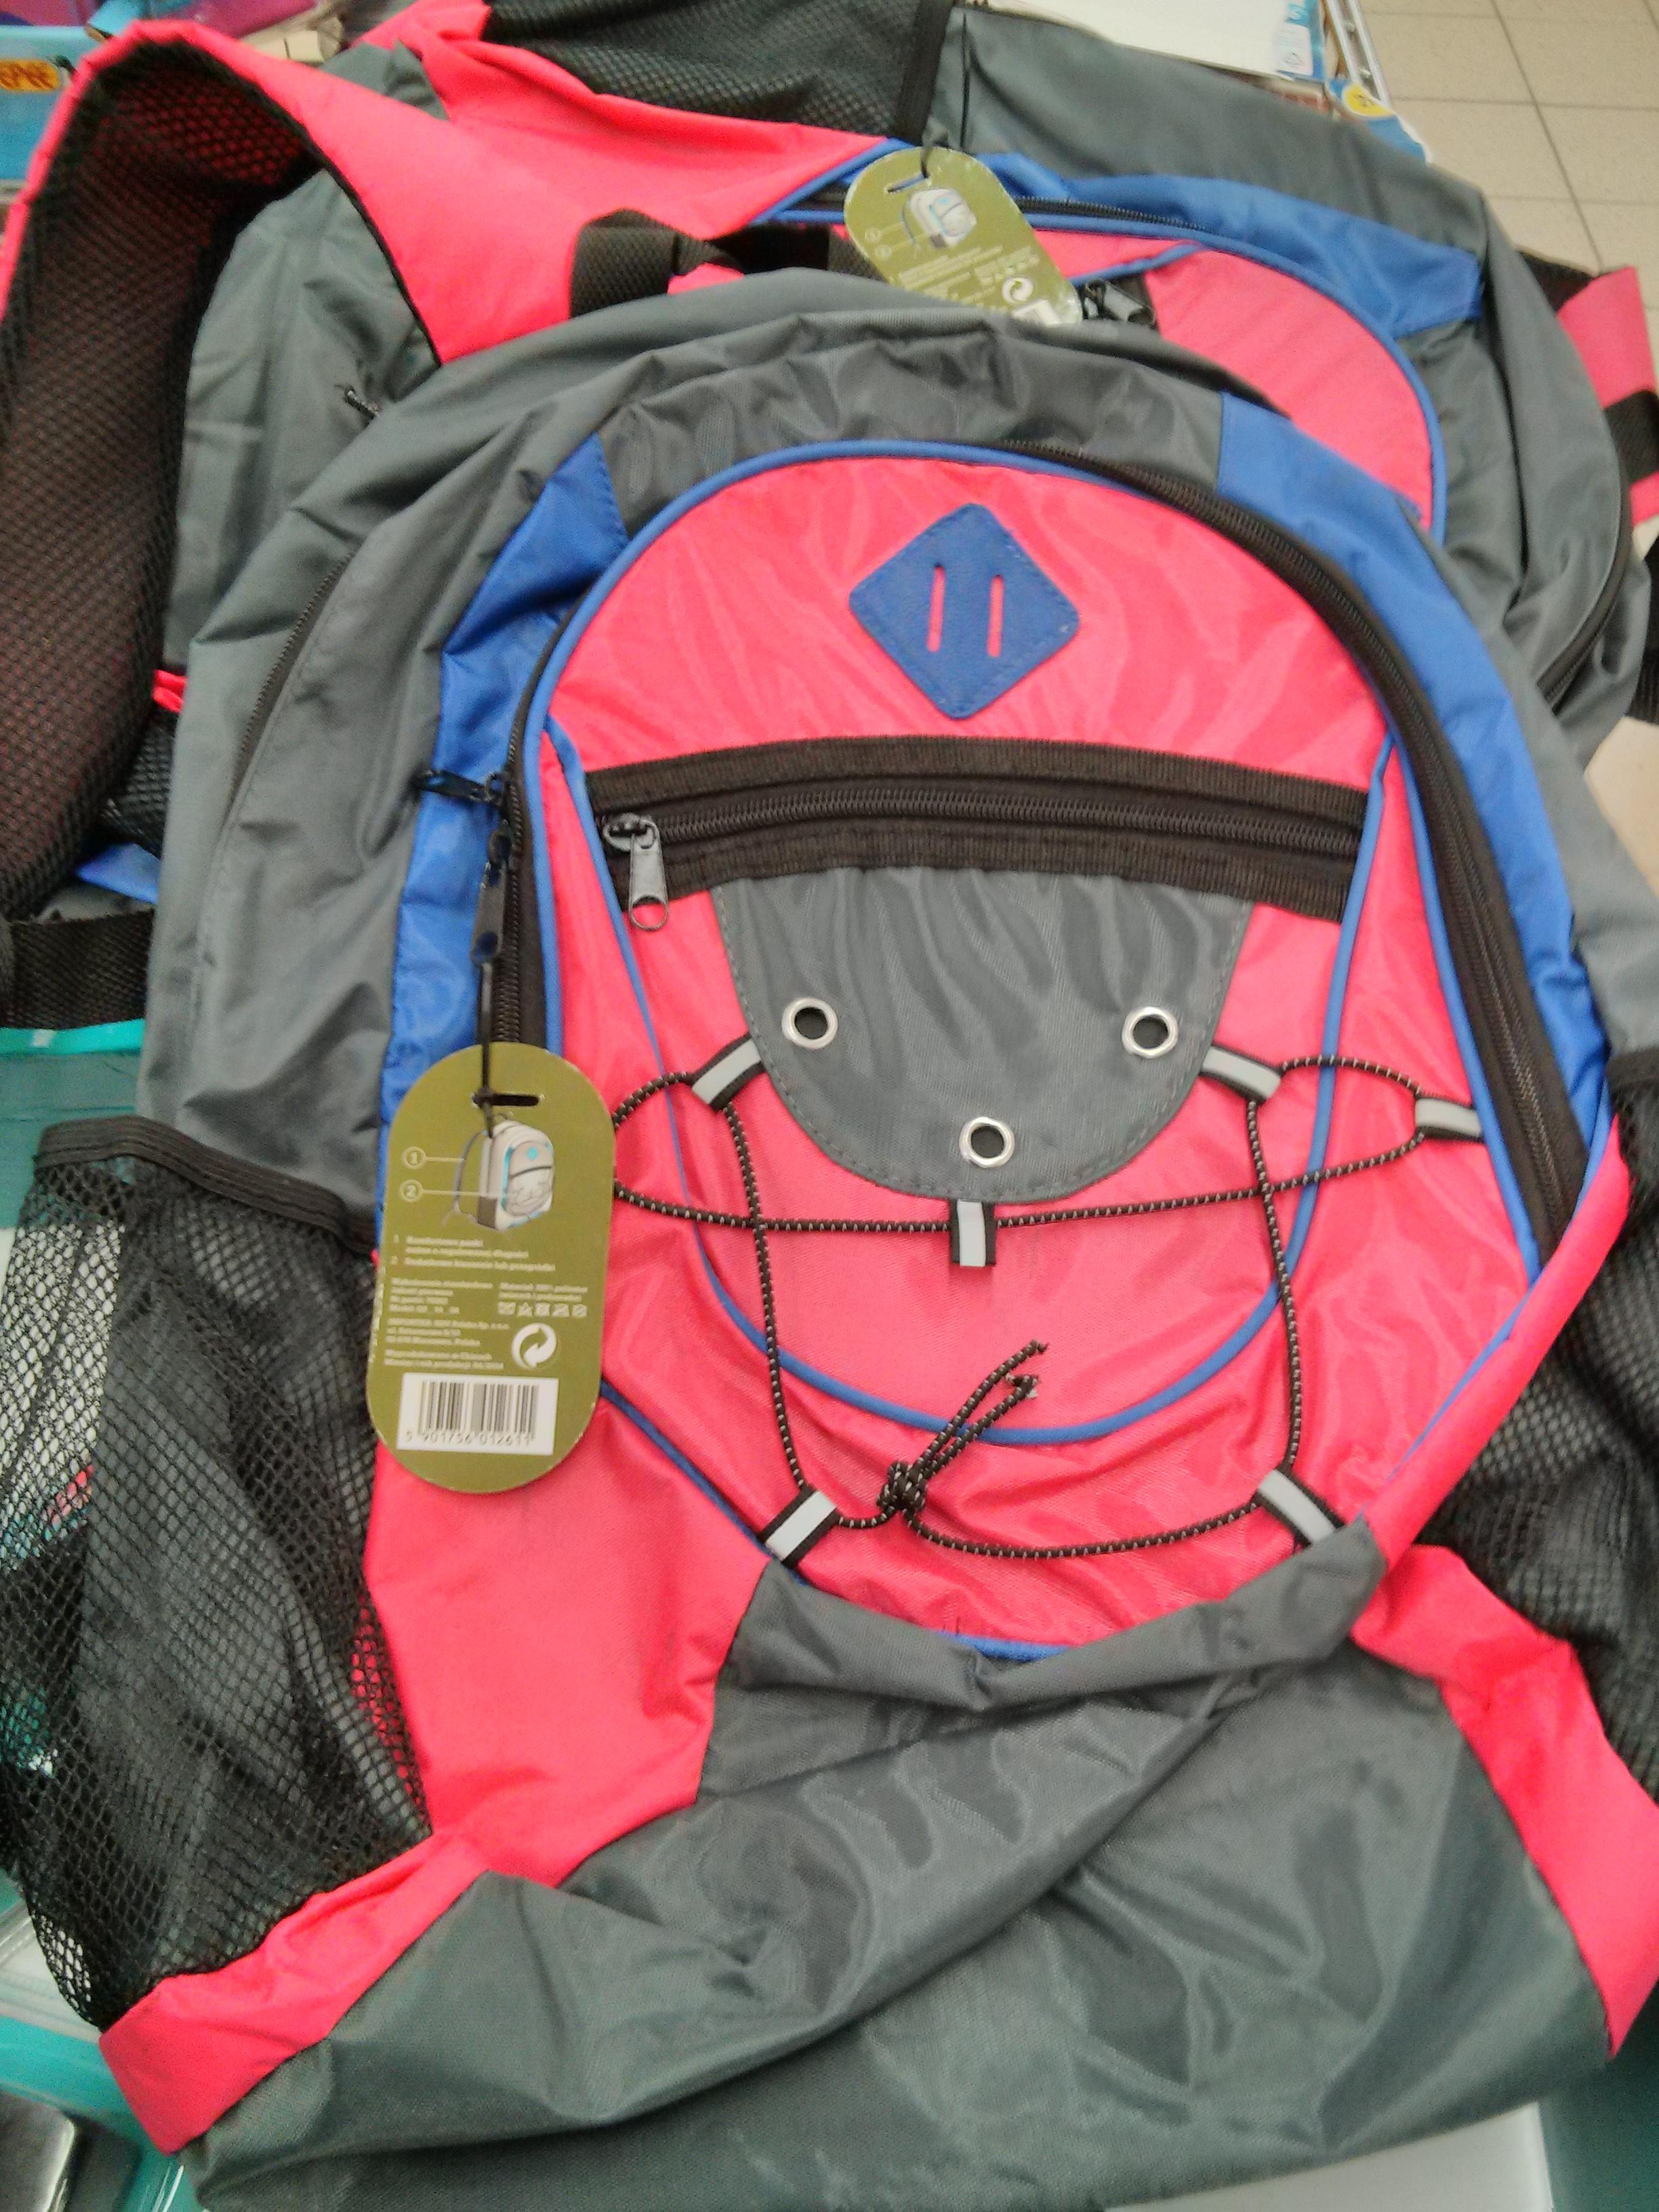 Plecak podróżny za 8,90 zł @ Biedronka